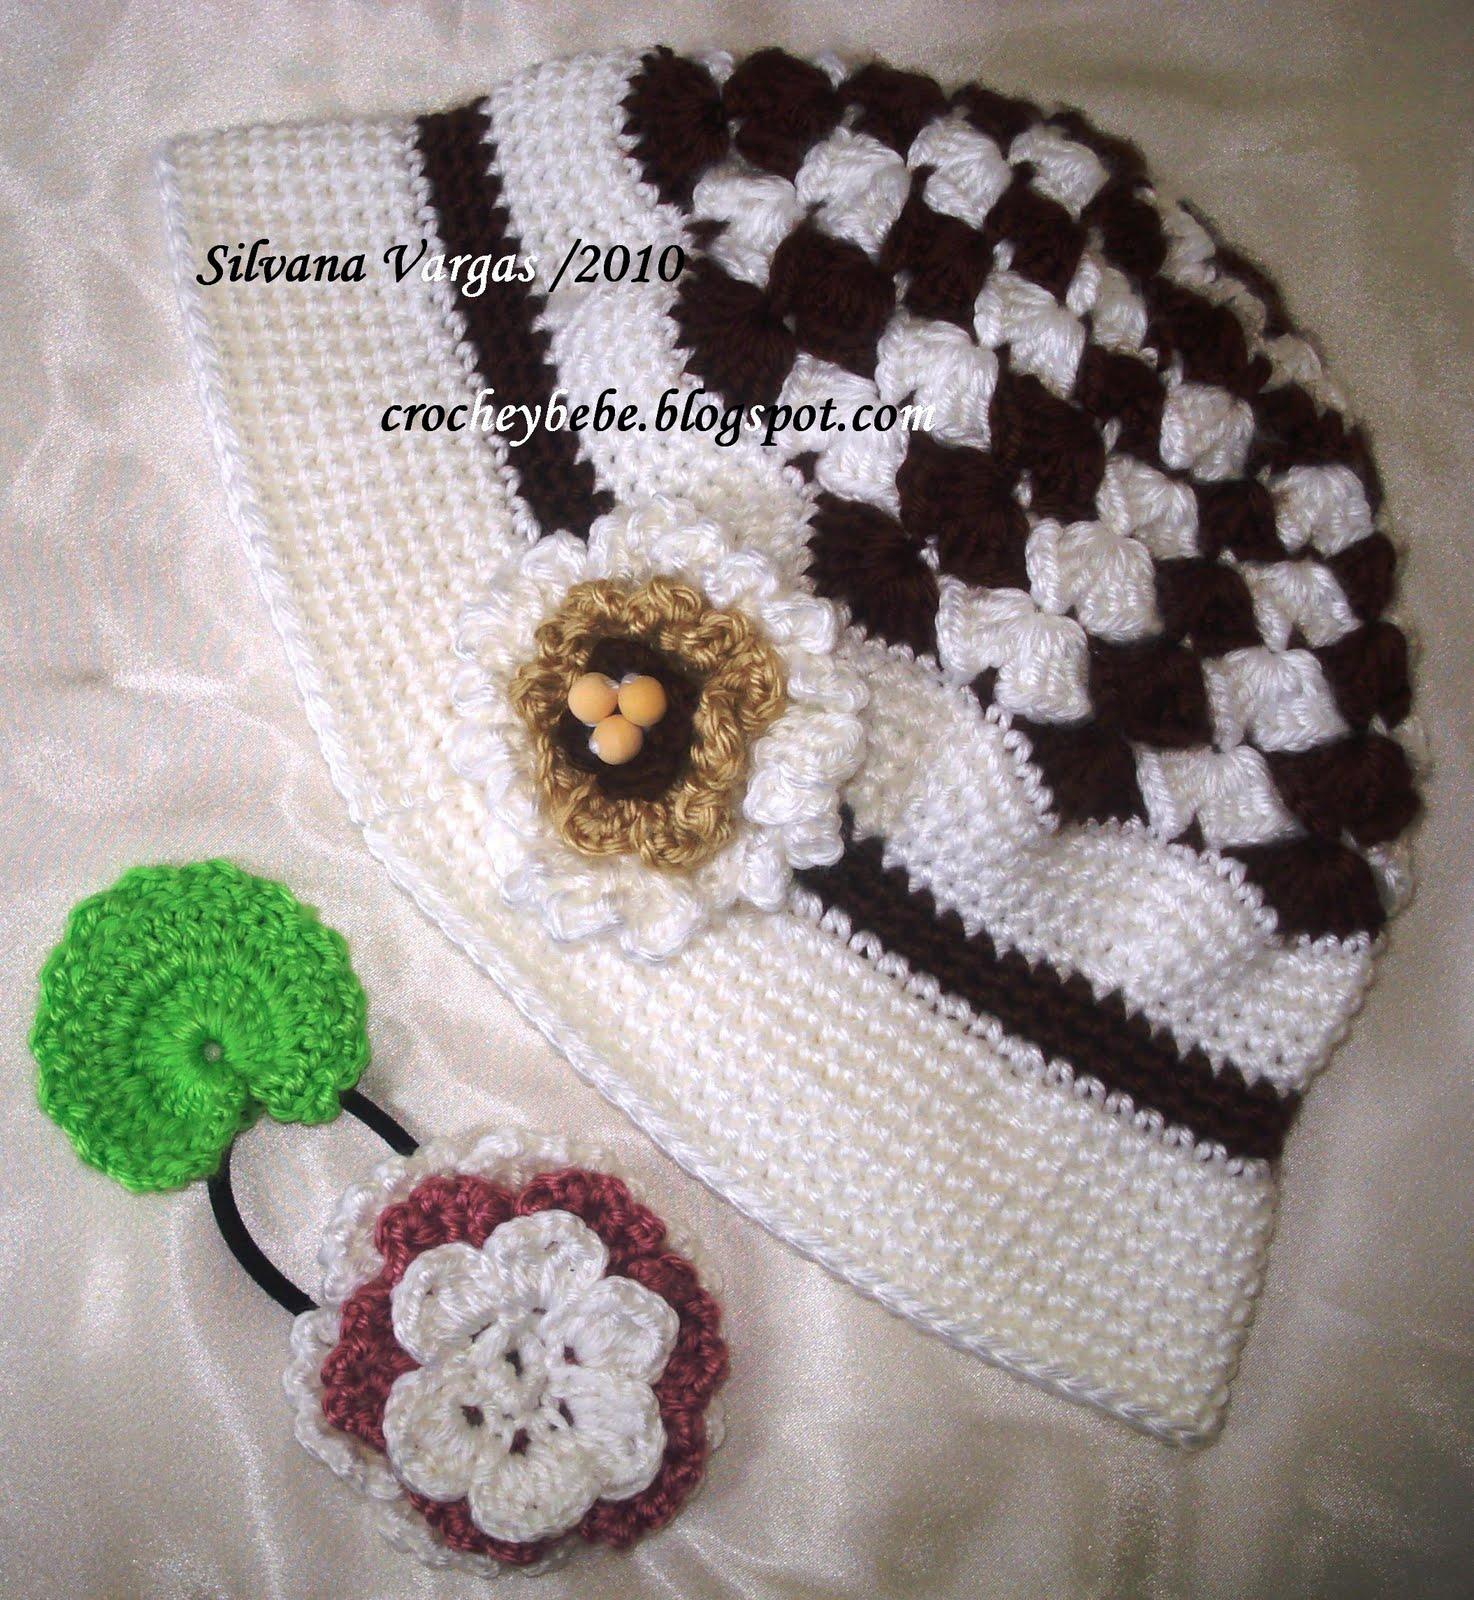 http://2.bp.blogspot.com/_jJQjdilAQkE/TAlChOmCb9I/AAAAAAAAFvI/Gr_u7P2HK3Y/s1600/Picture2+4568.jpg